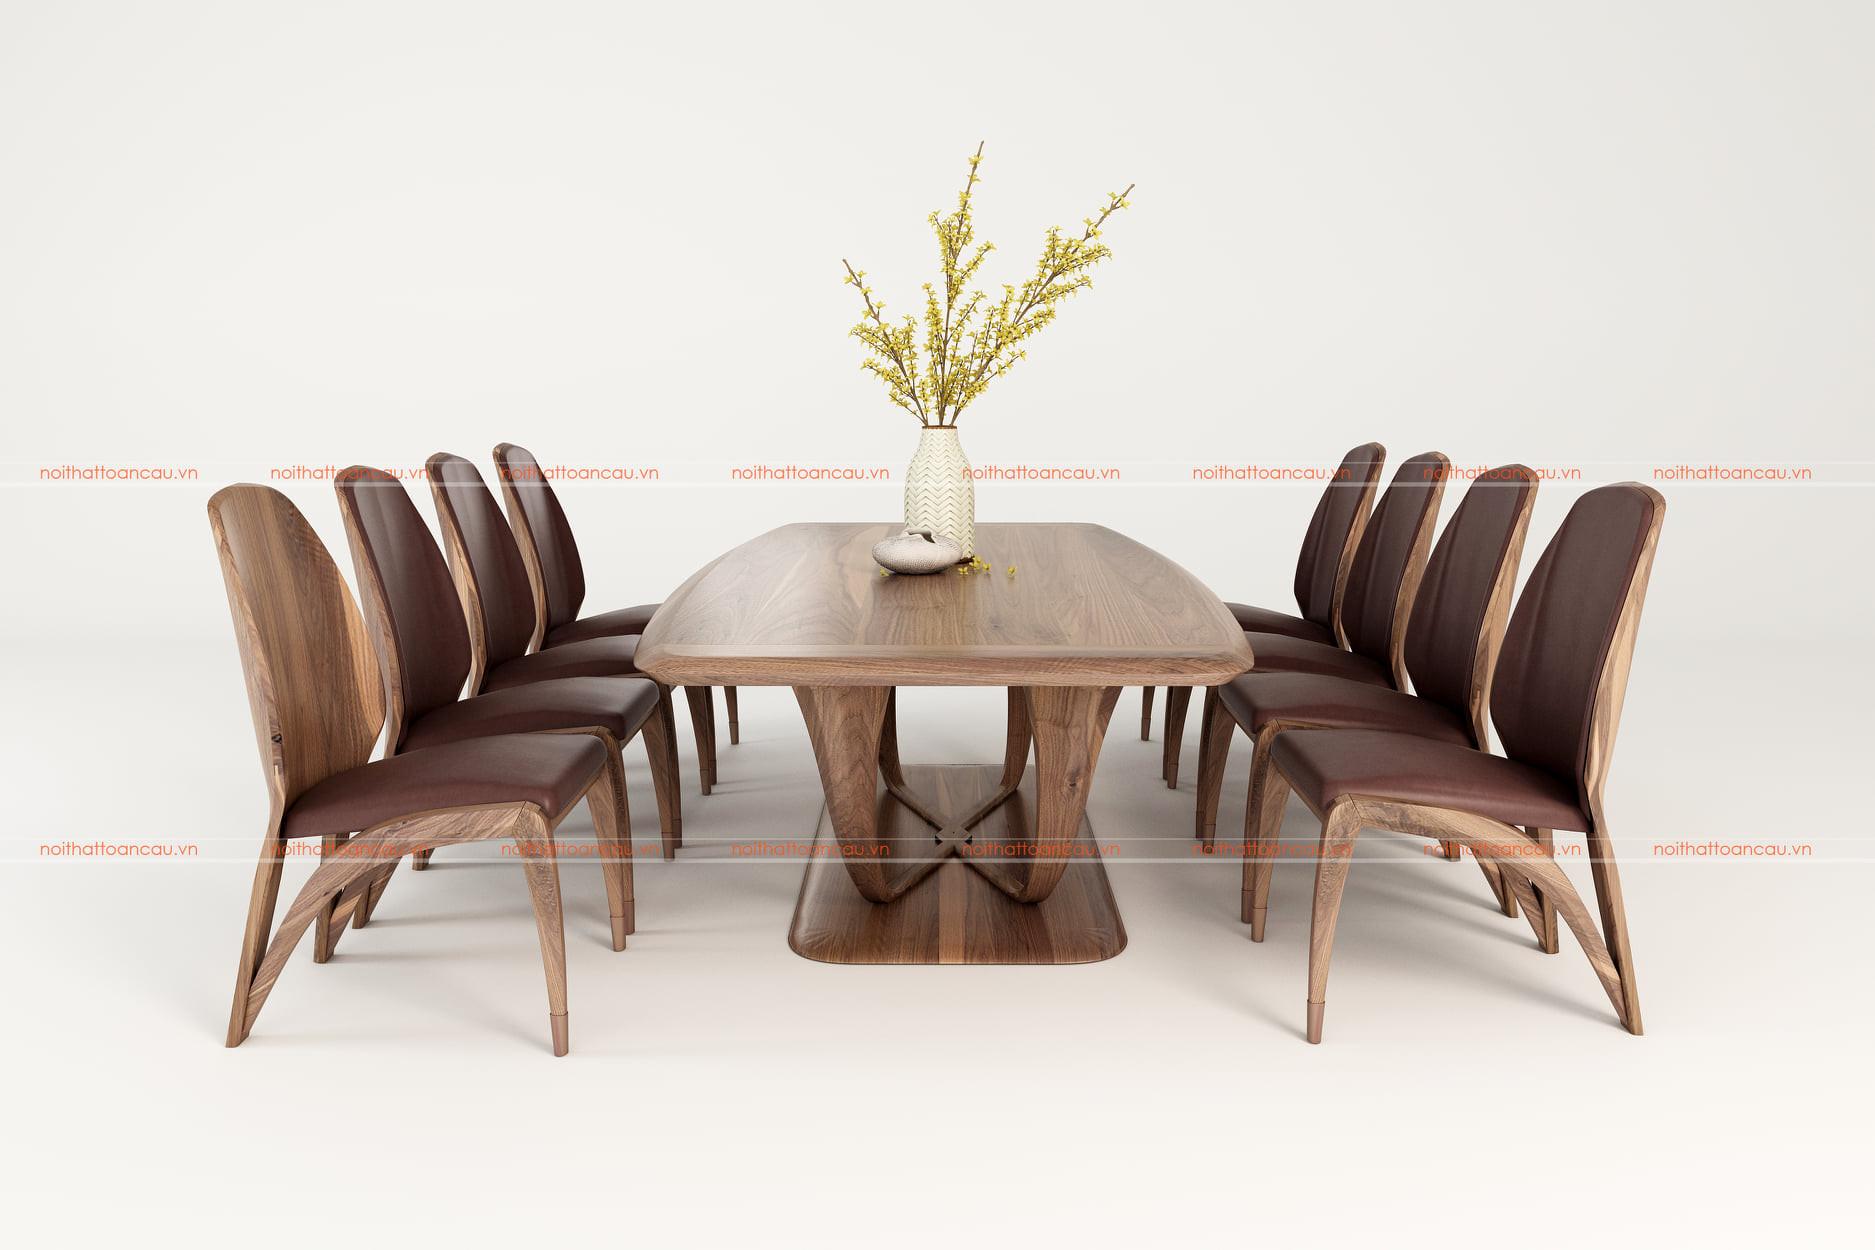 Bộ bàn ăn 8 ghế gỗ óc chó - TC816 b